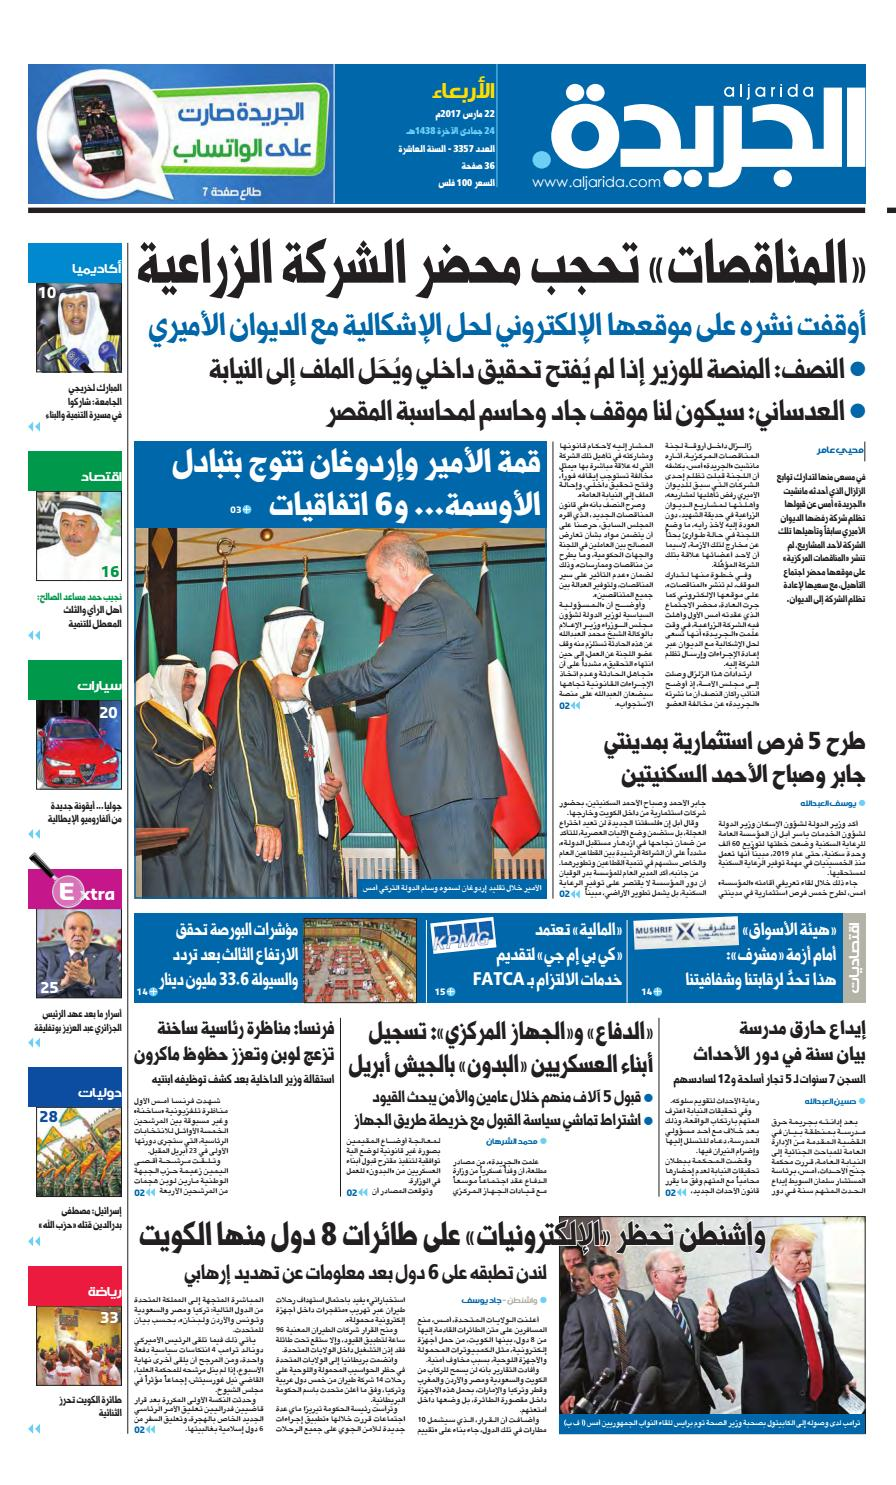 عدد الجريدة 22 مارس 2017 By Aljarida Newspaper Issuu